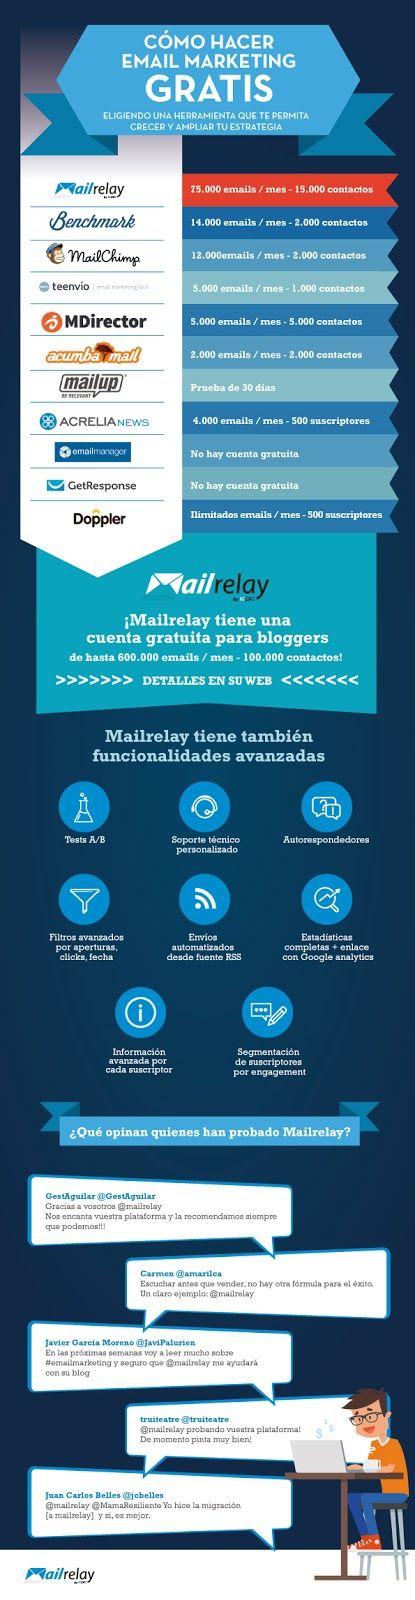 Agencia Seo & Sem A Resultados. Te ayudamos a crecer en Internet. Expertos Adwords - http://www.aresultados.es